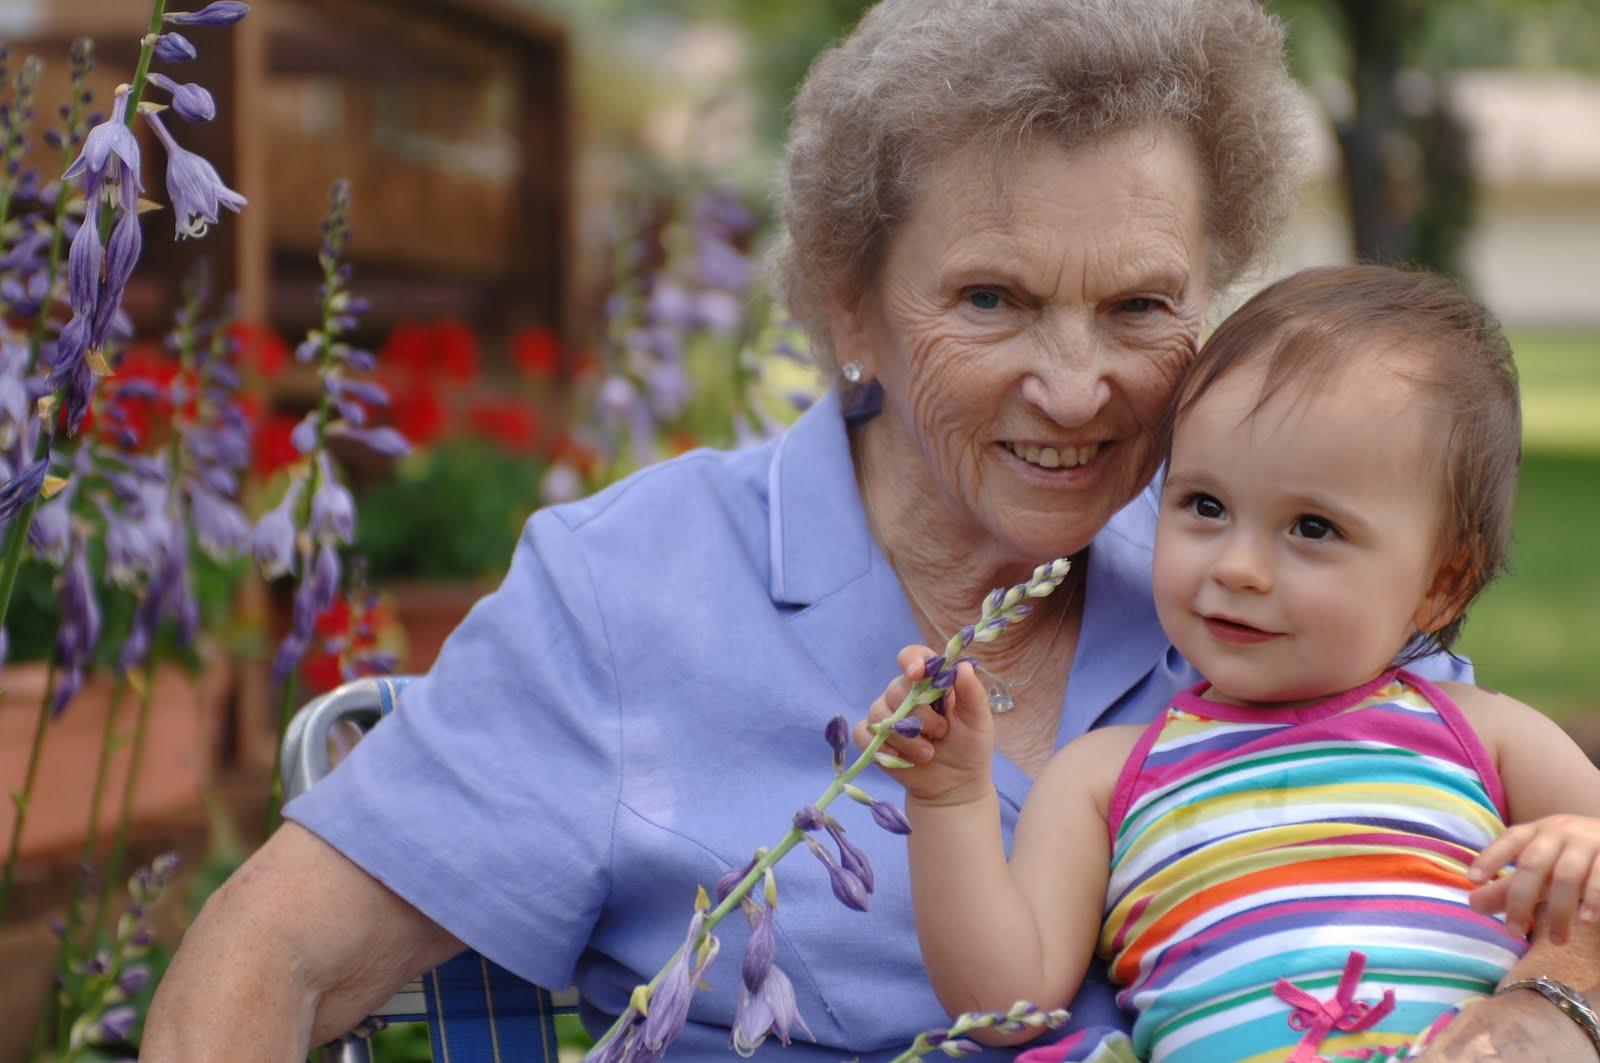 Голые бабушки смотреть бесплатно - ХХХ видео фильмы для ...